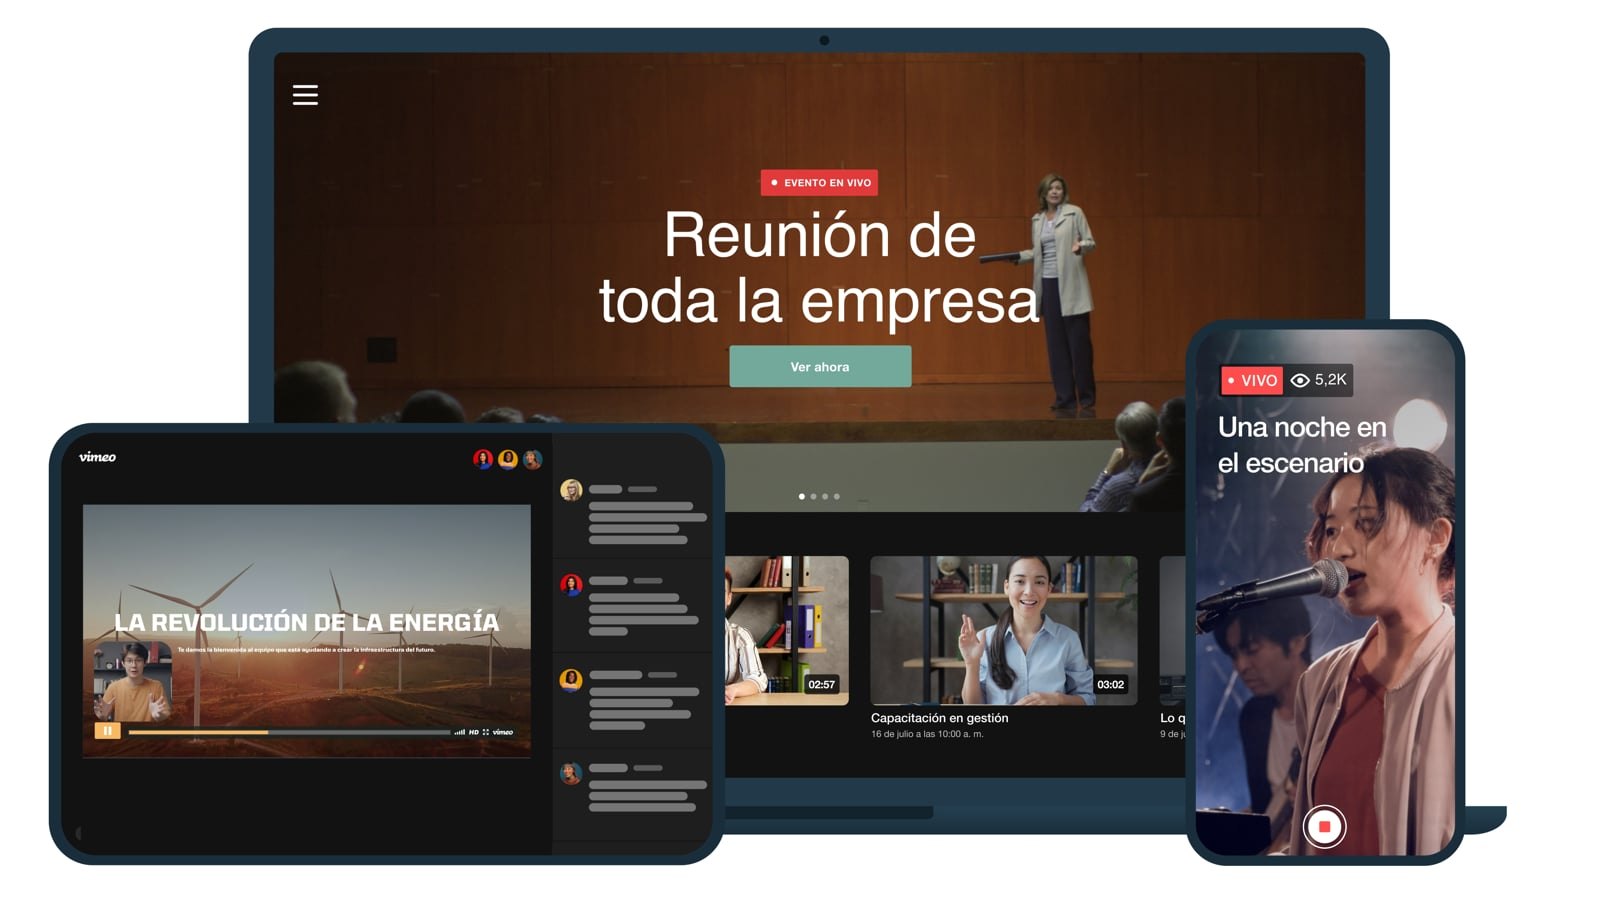 Vimeo   Creador de videos online